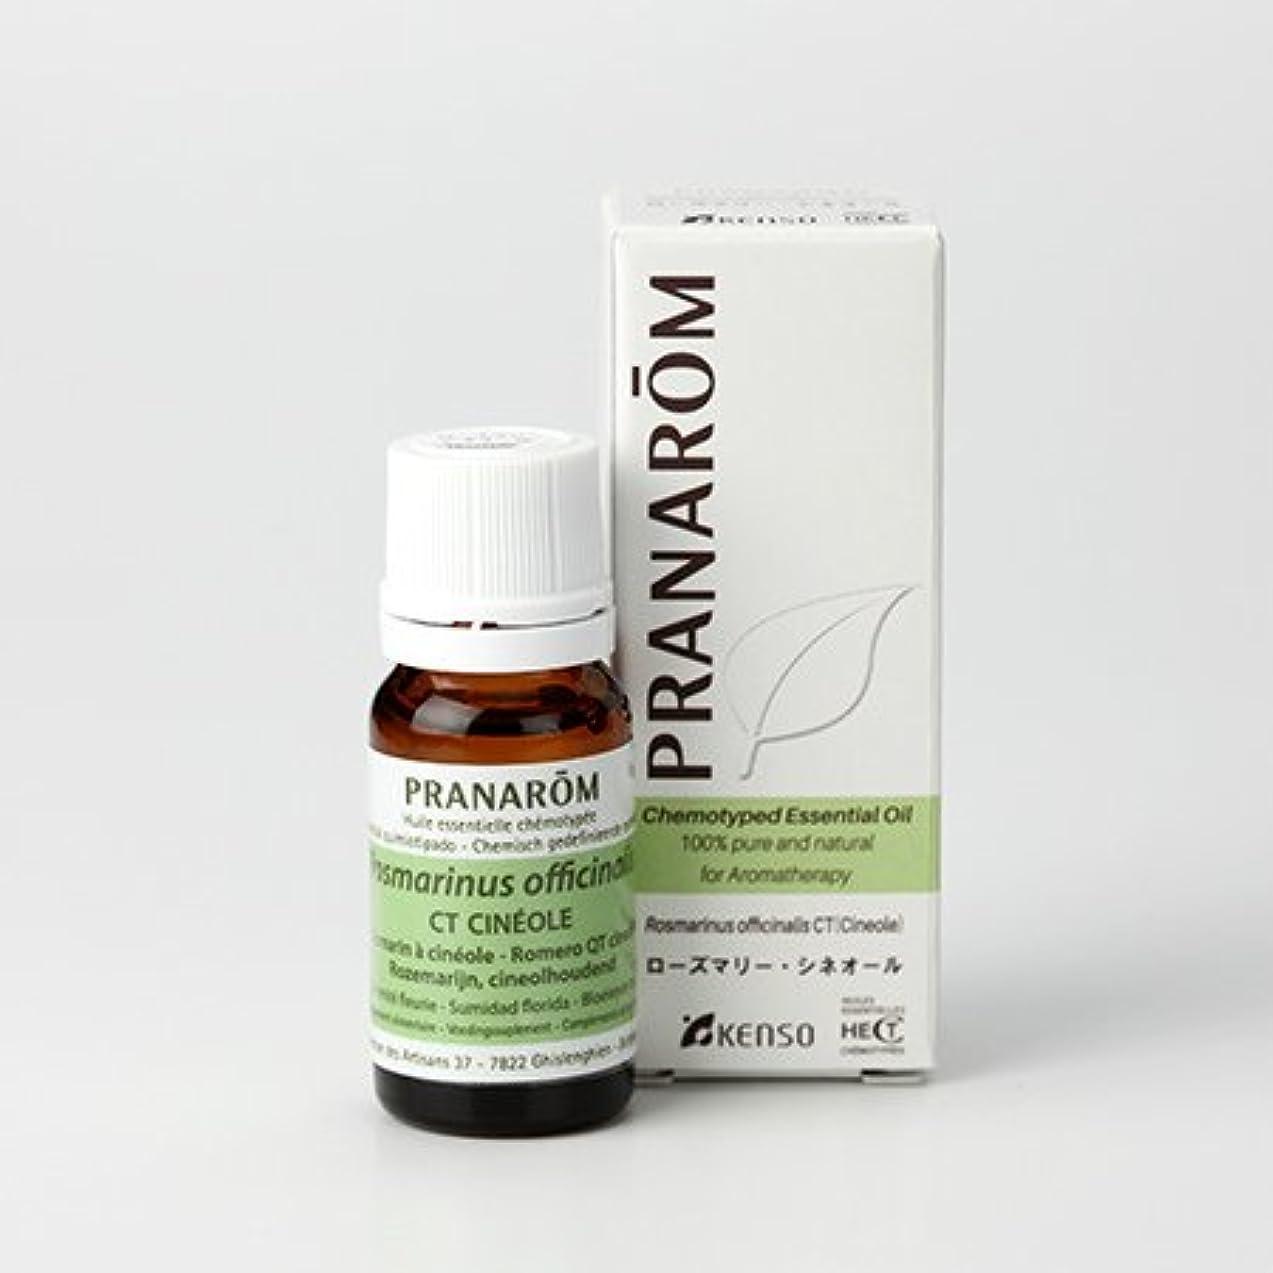 斧低下過剰プラナロム ローズマリーシネオール 10ml (PRANAROM ケモタイプ精油)